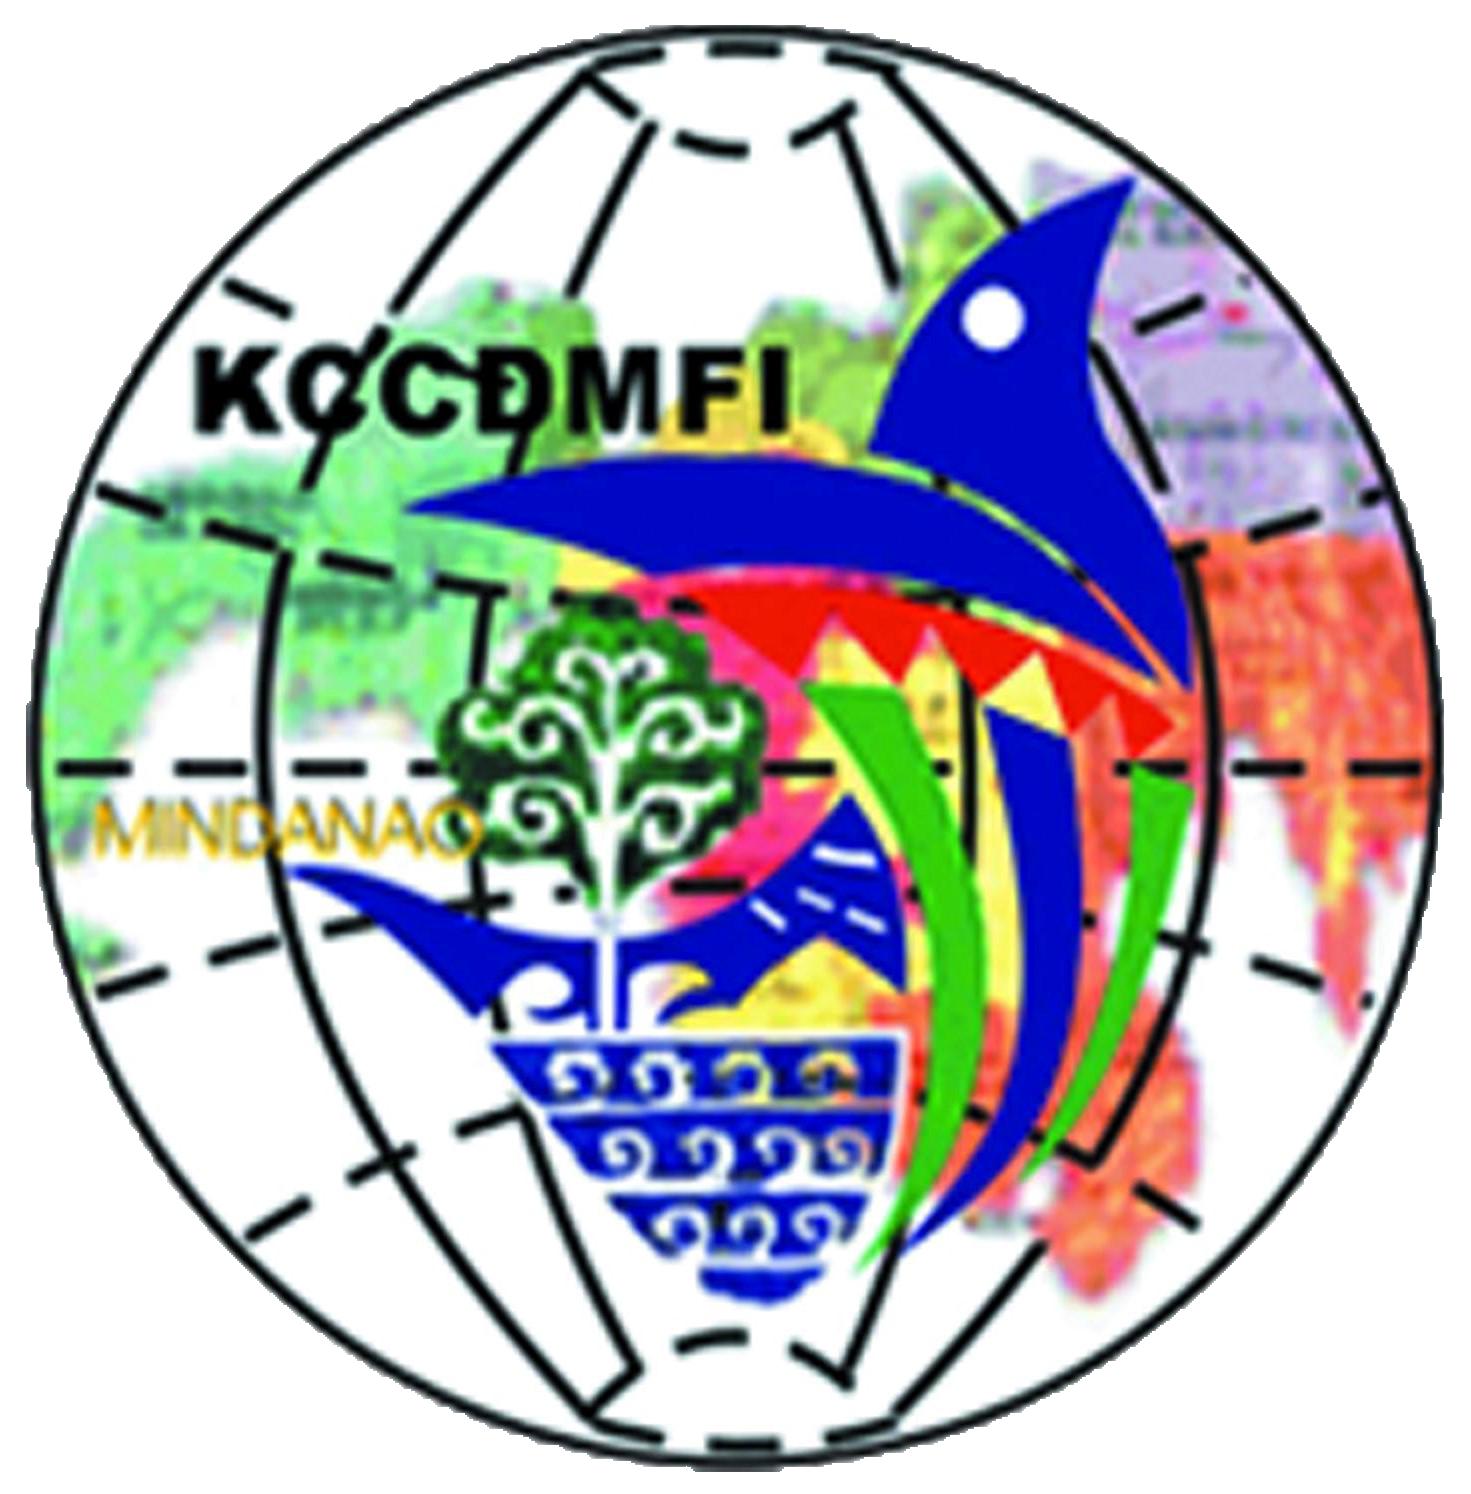 KCCDMFI